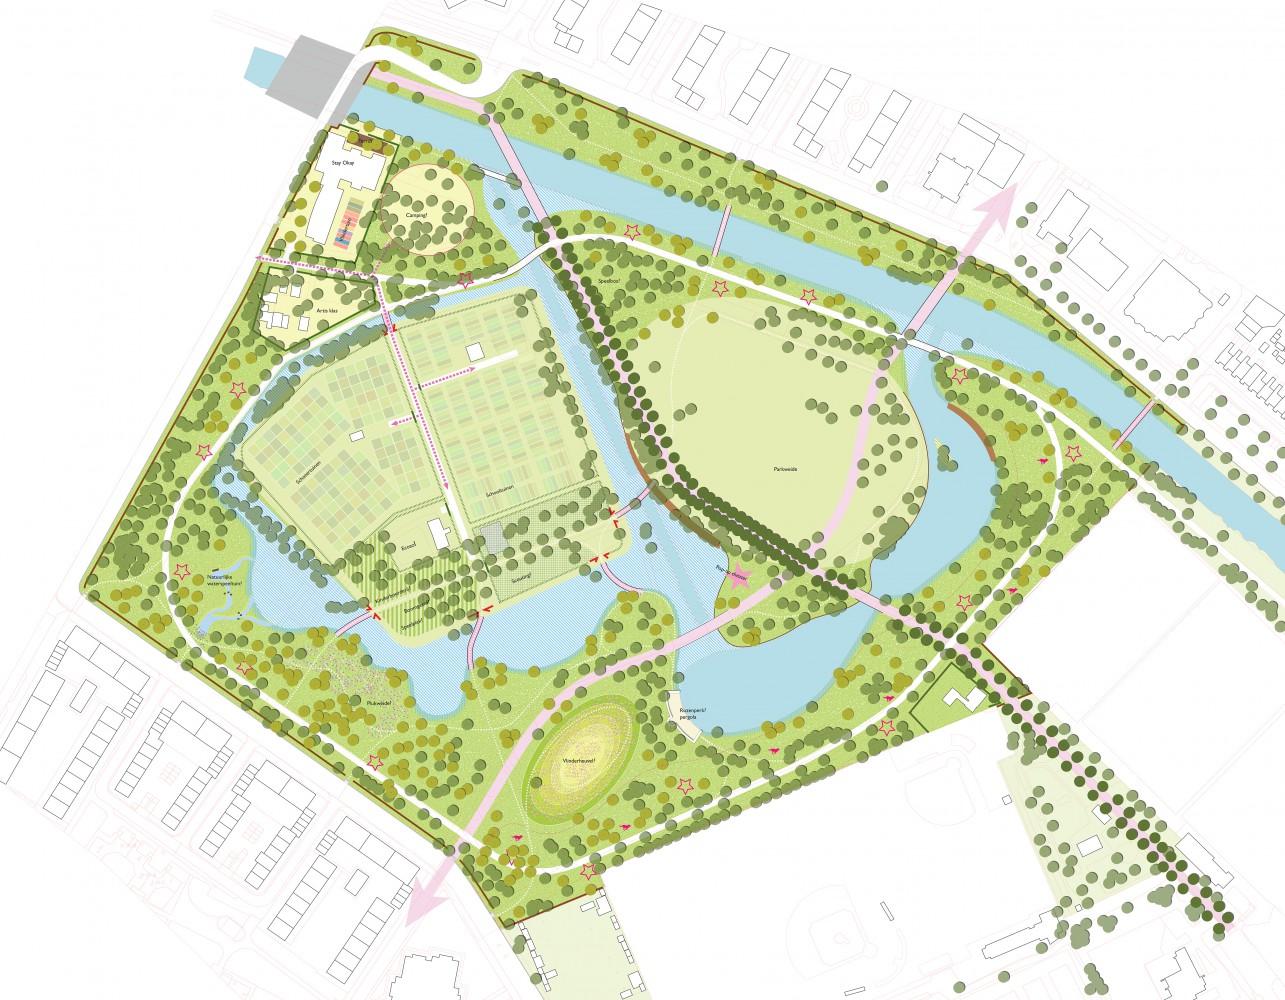 buro-sant-en-co-landschapsarchitectuur-schoterbos-haarlem-stadspark-ecologie-ontwerp-plankaart